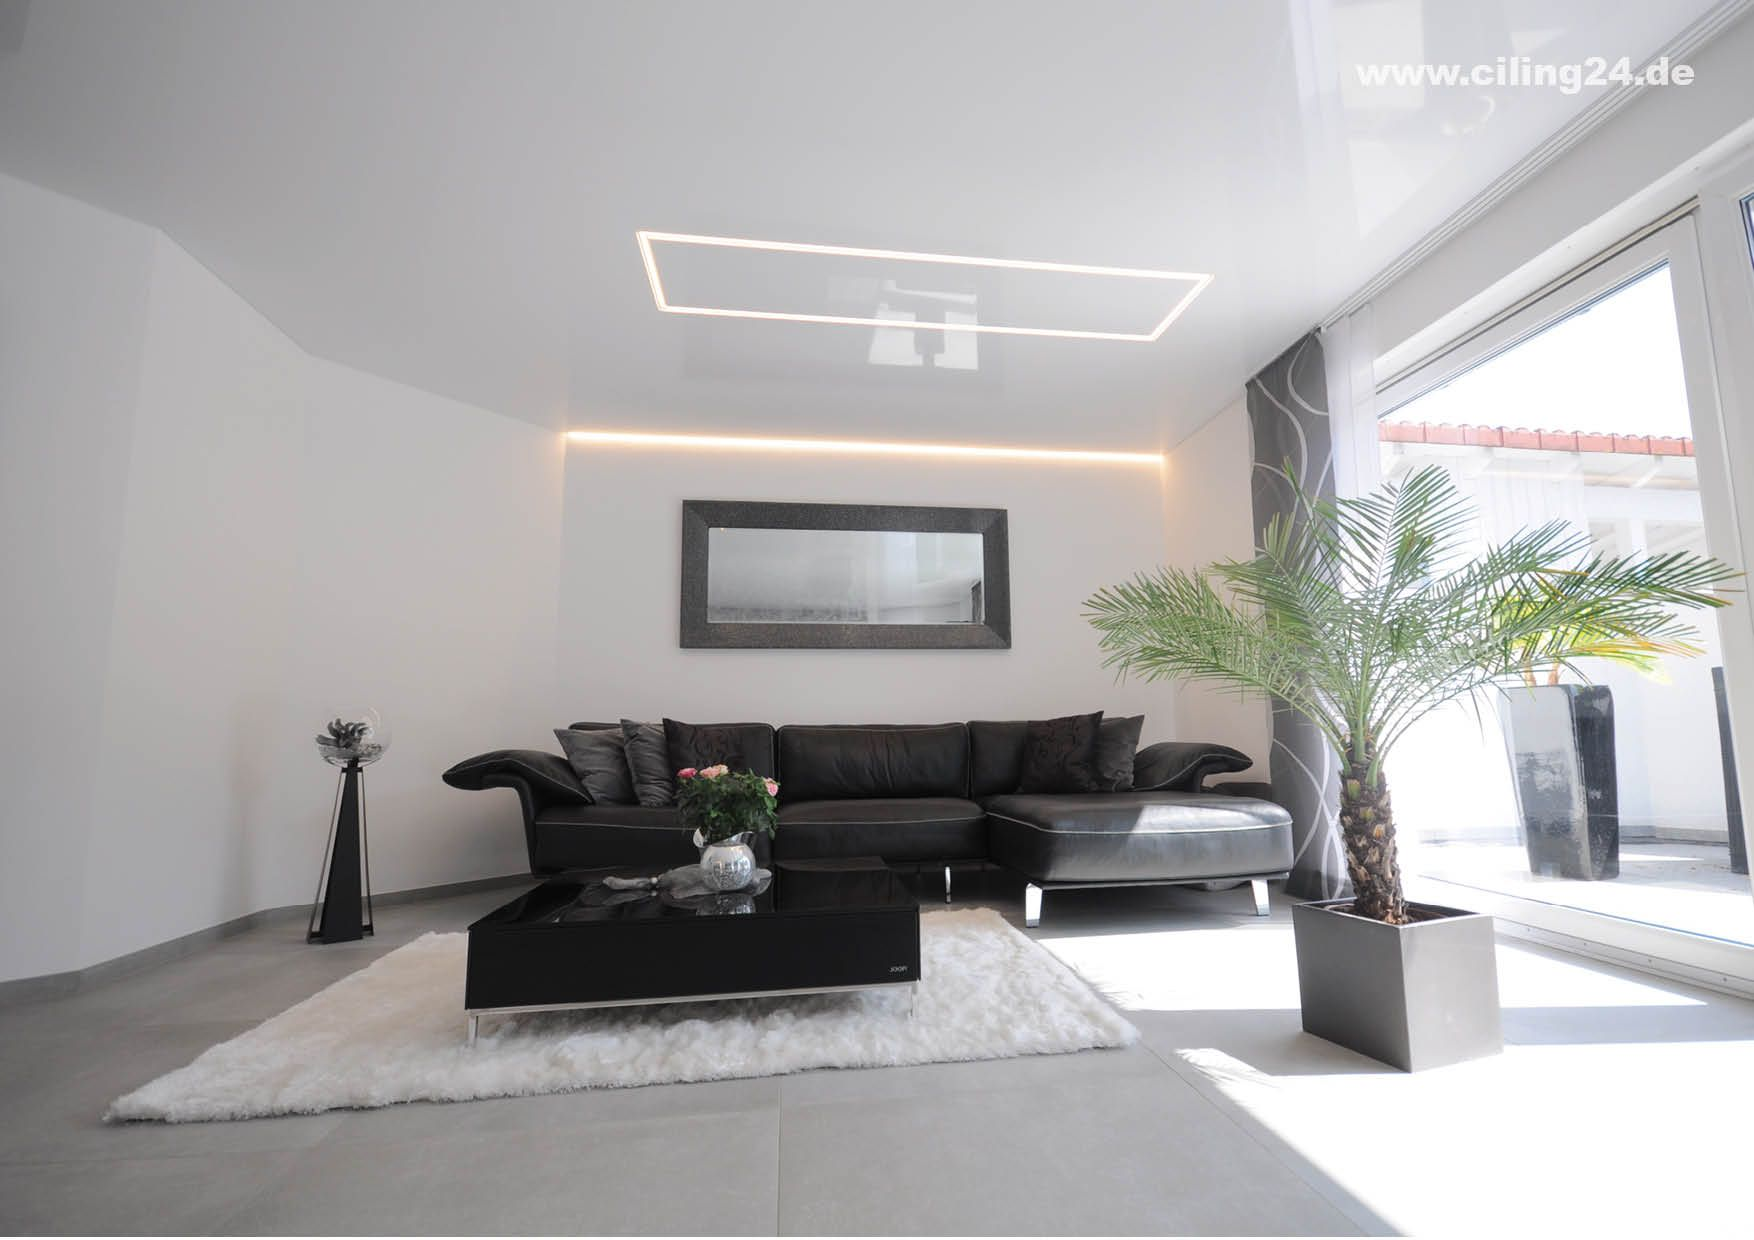 Wohnzimmer Hell Und Freundlich Gestalten Perfektes Licht